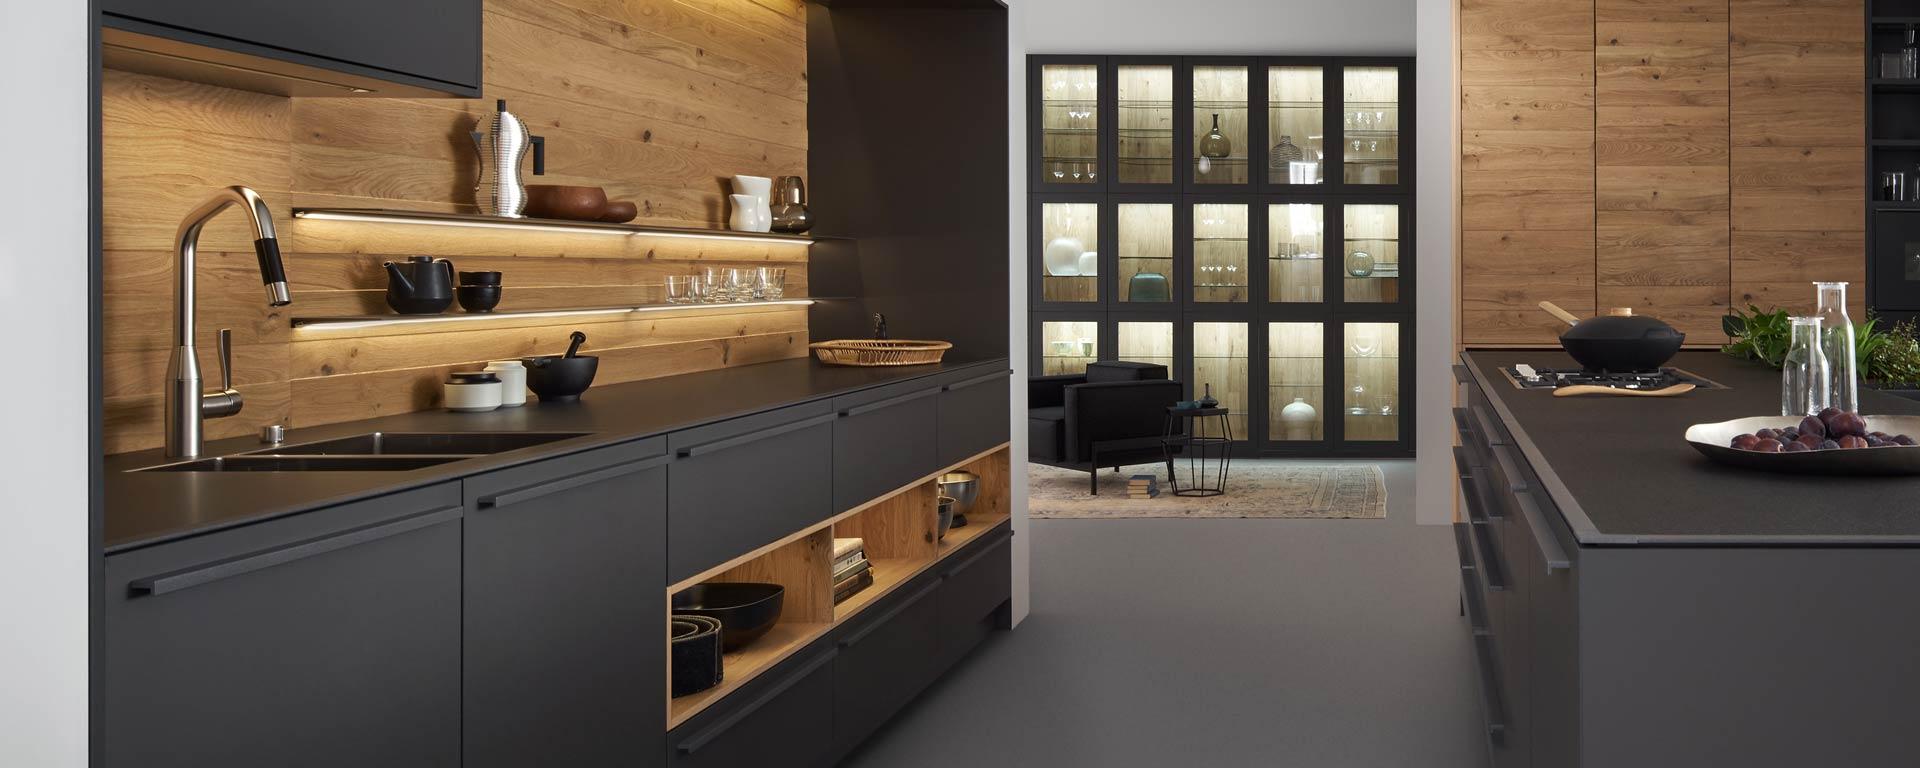 Wunderbar Küchendesign Mit Doppelwand öfen Galerie - Ideen Für Die ...